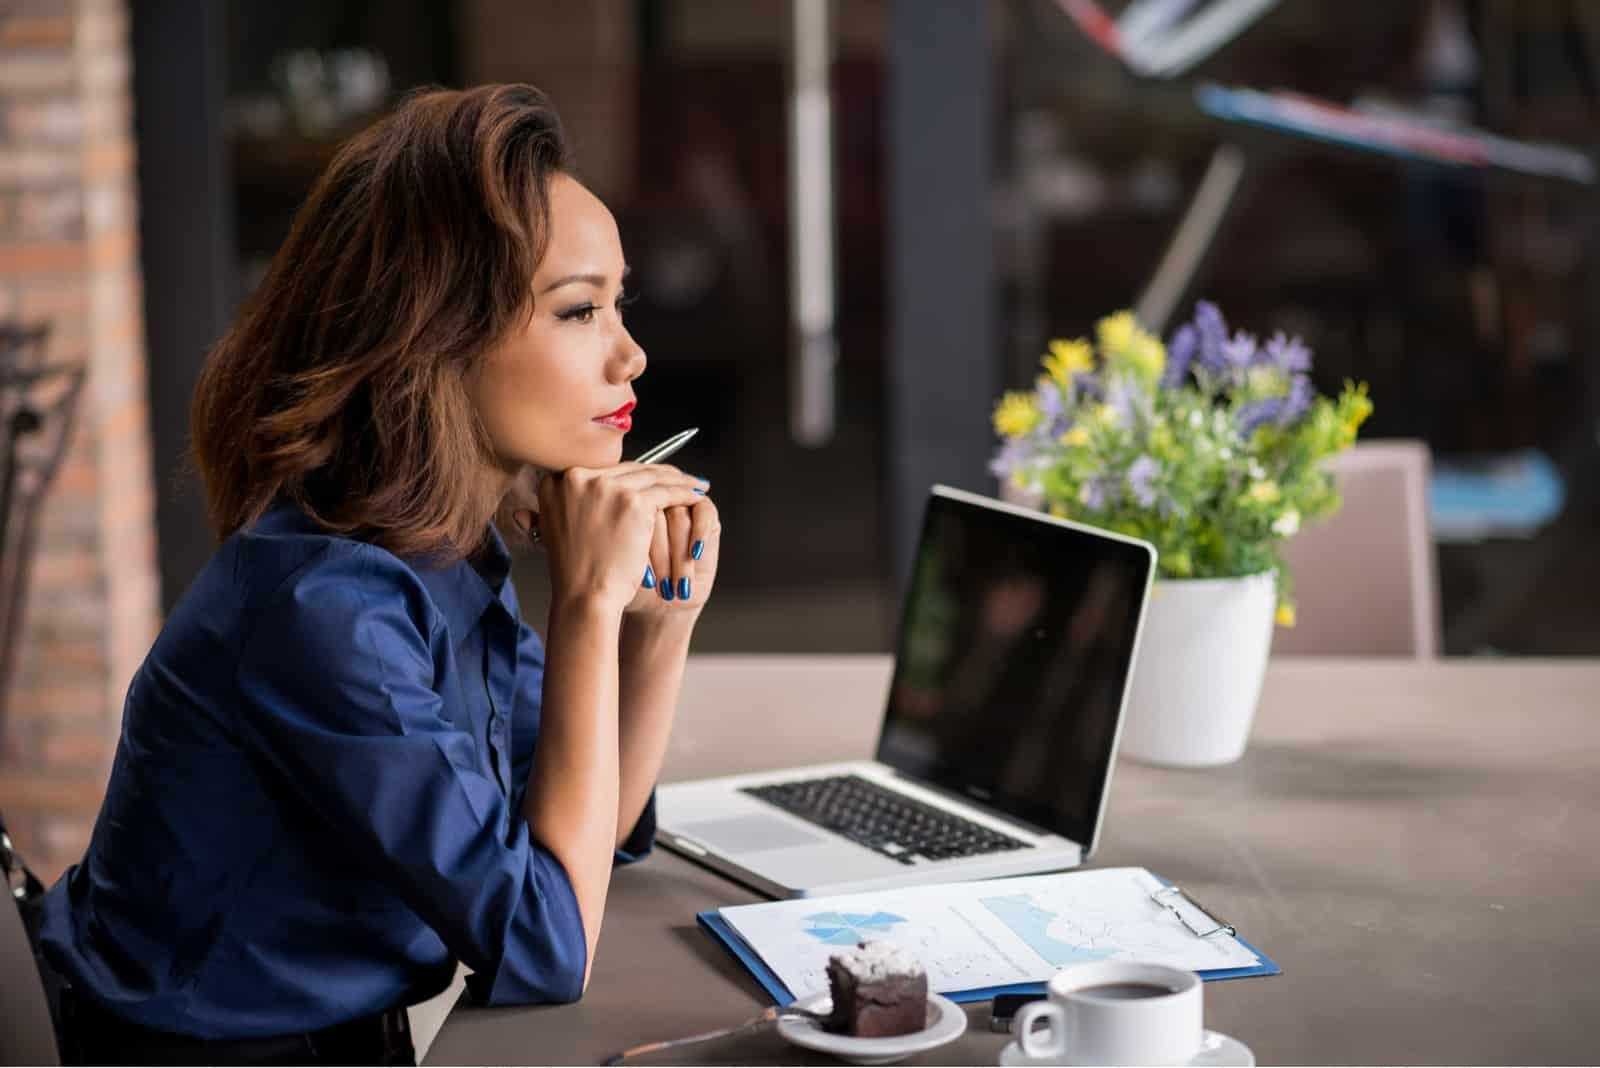 femme d'affaires réfléchissant à des idées